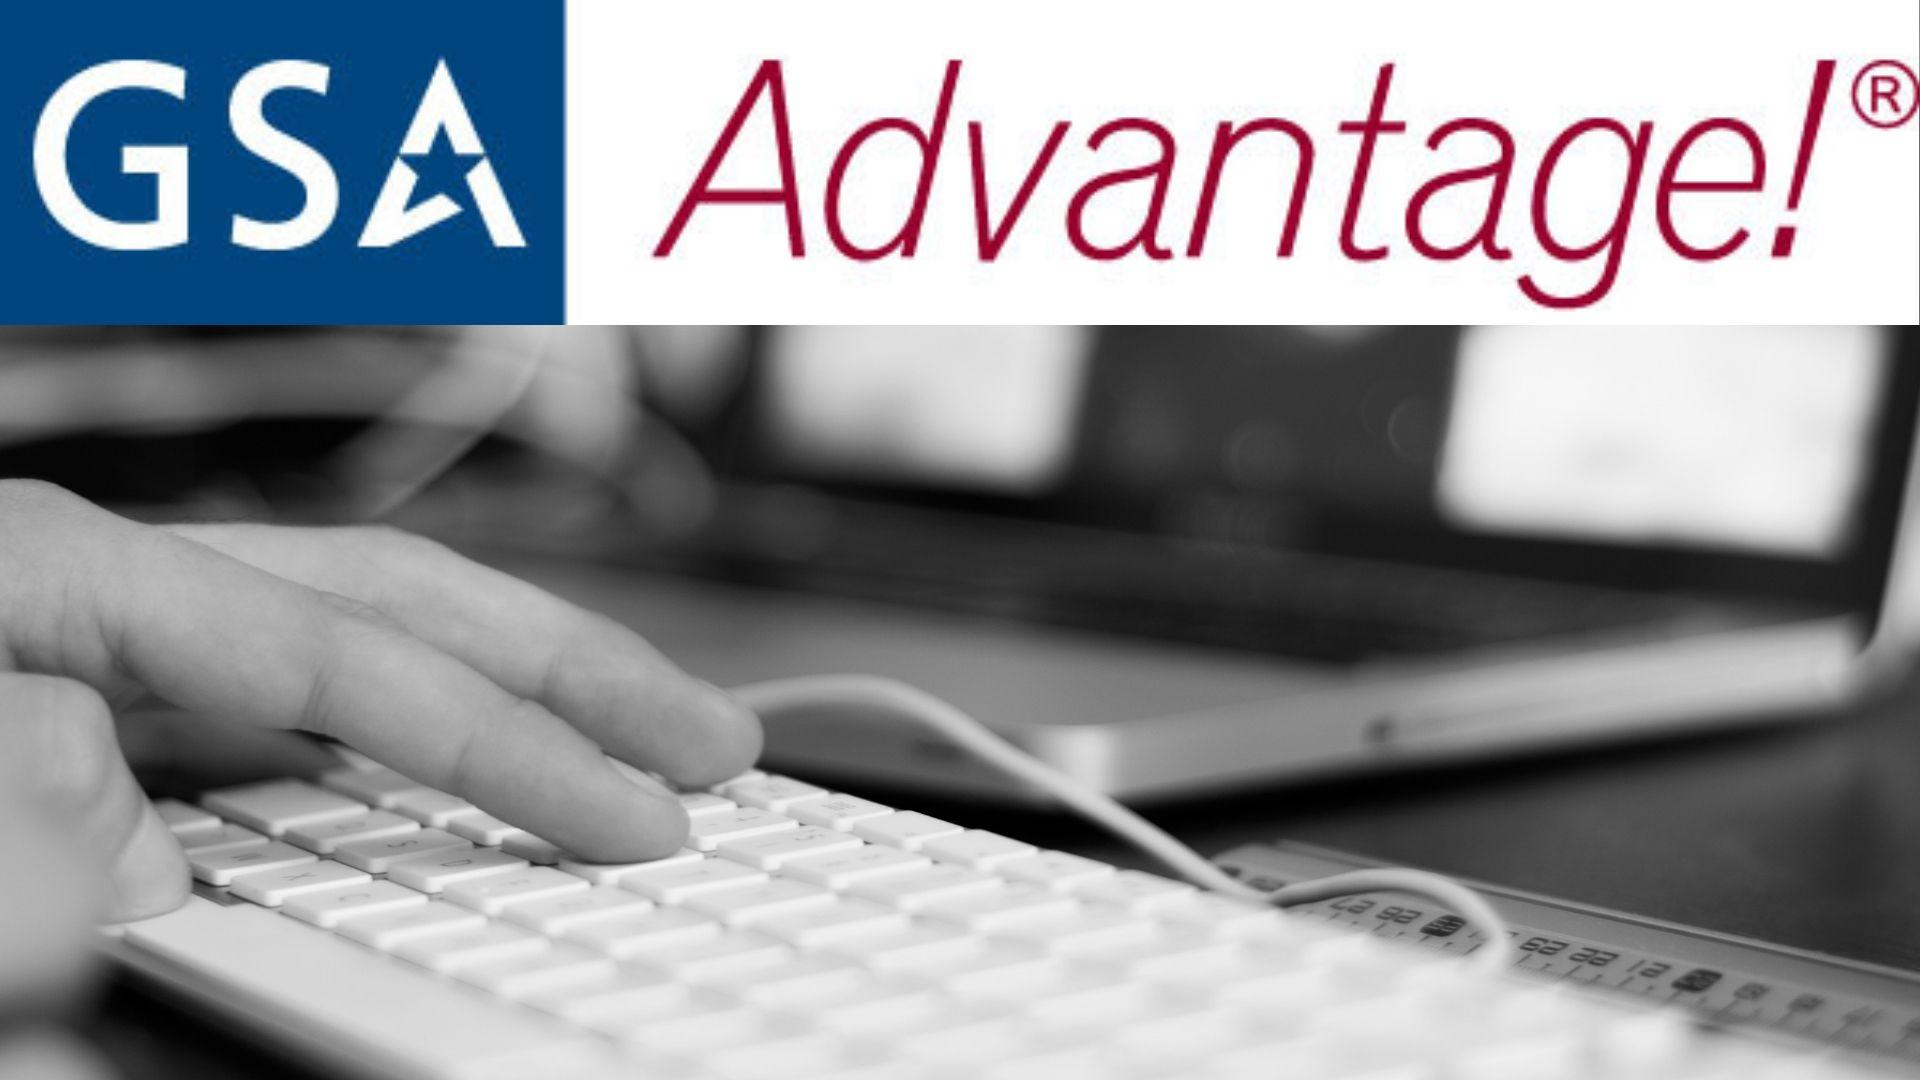 Two studies debunk 'urban myths' about GSA Advantage